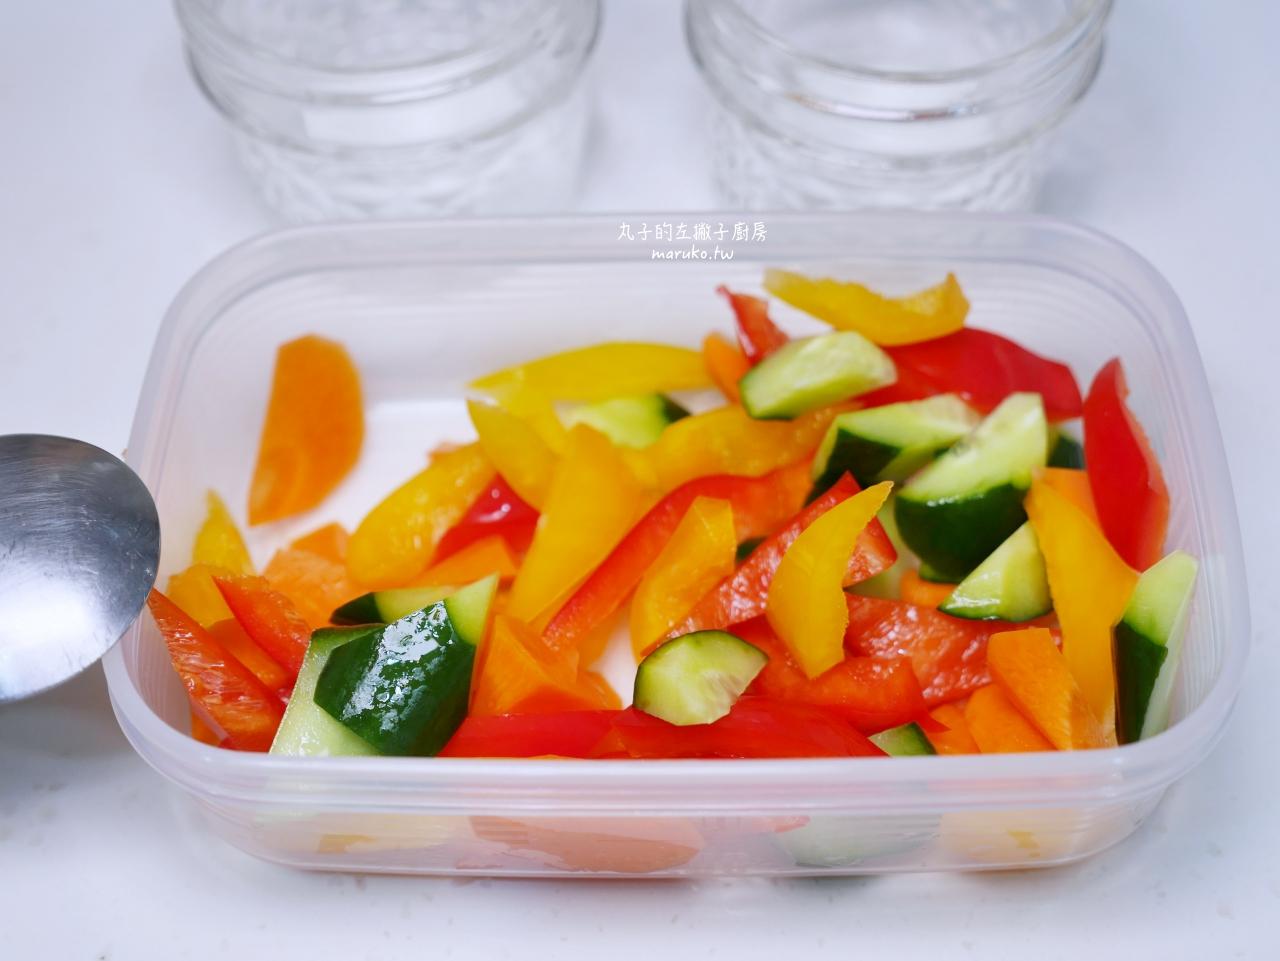 【食譜】果醋蔬菜 醋漬蔬菜簡單又開胃 清爽無負擔 @Maruko與美食有個約會